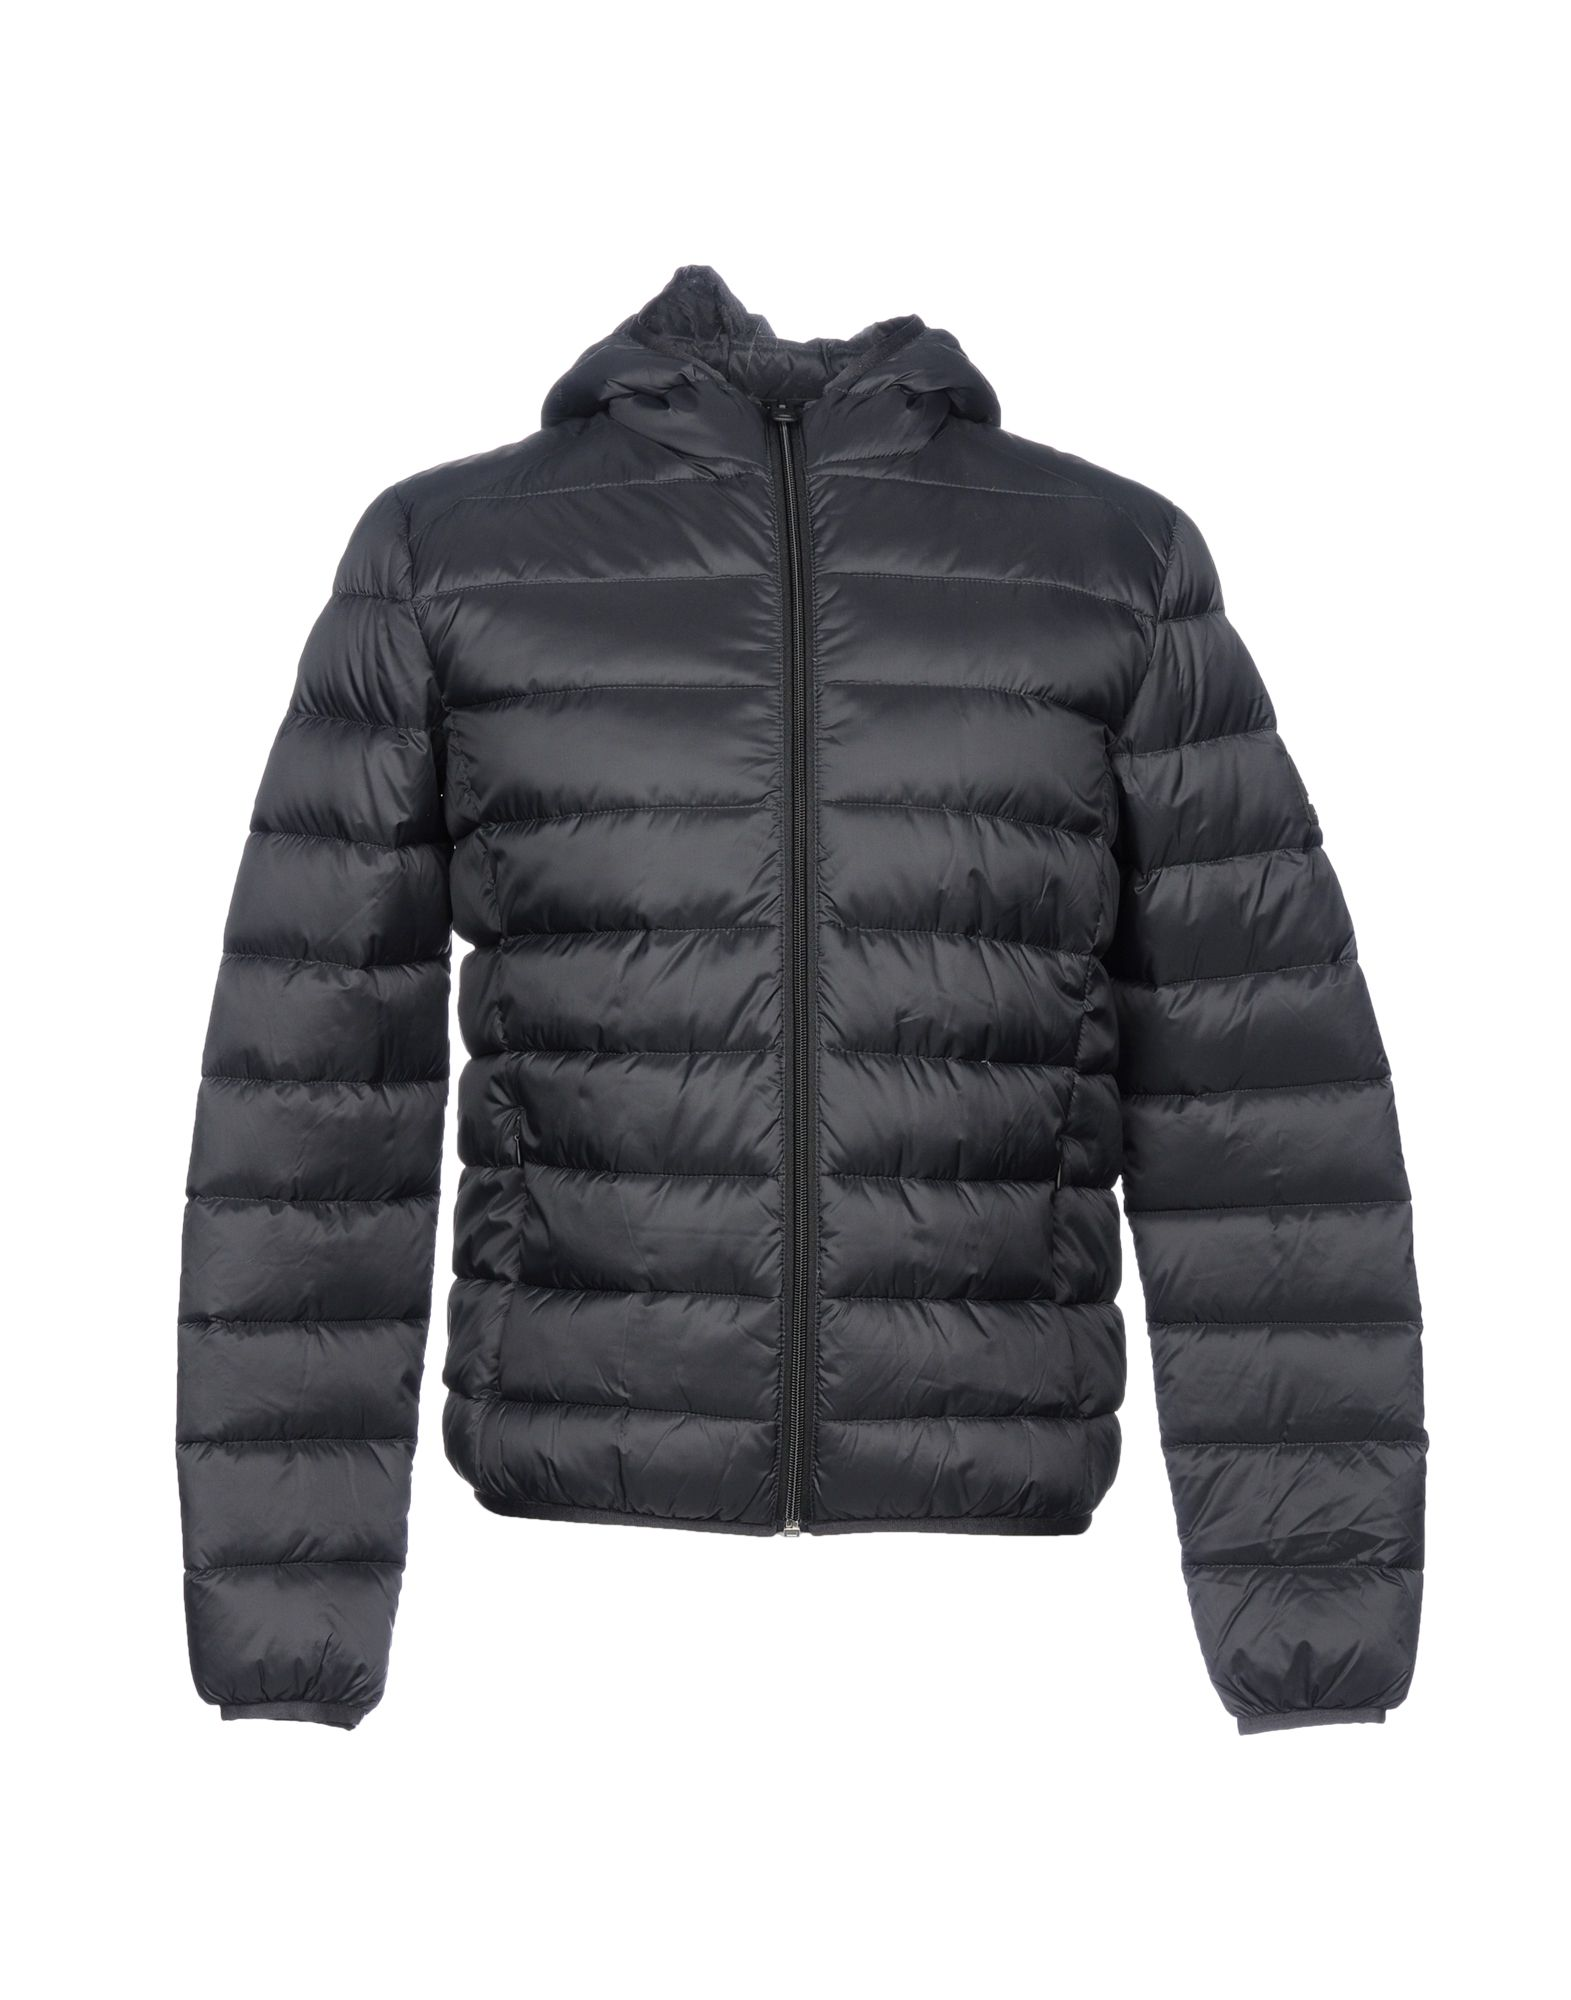 《送料無料》ECOALF メンズ ダウンジャケット ブラック S Recycled Nylon 100%